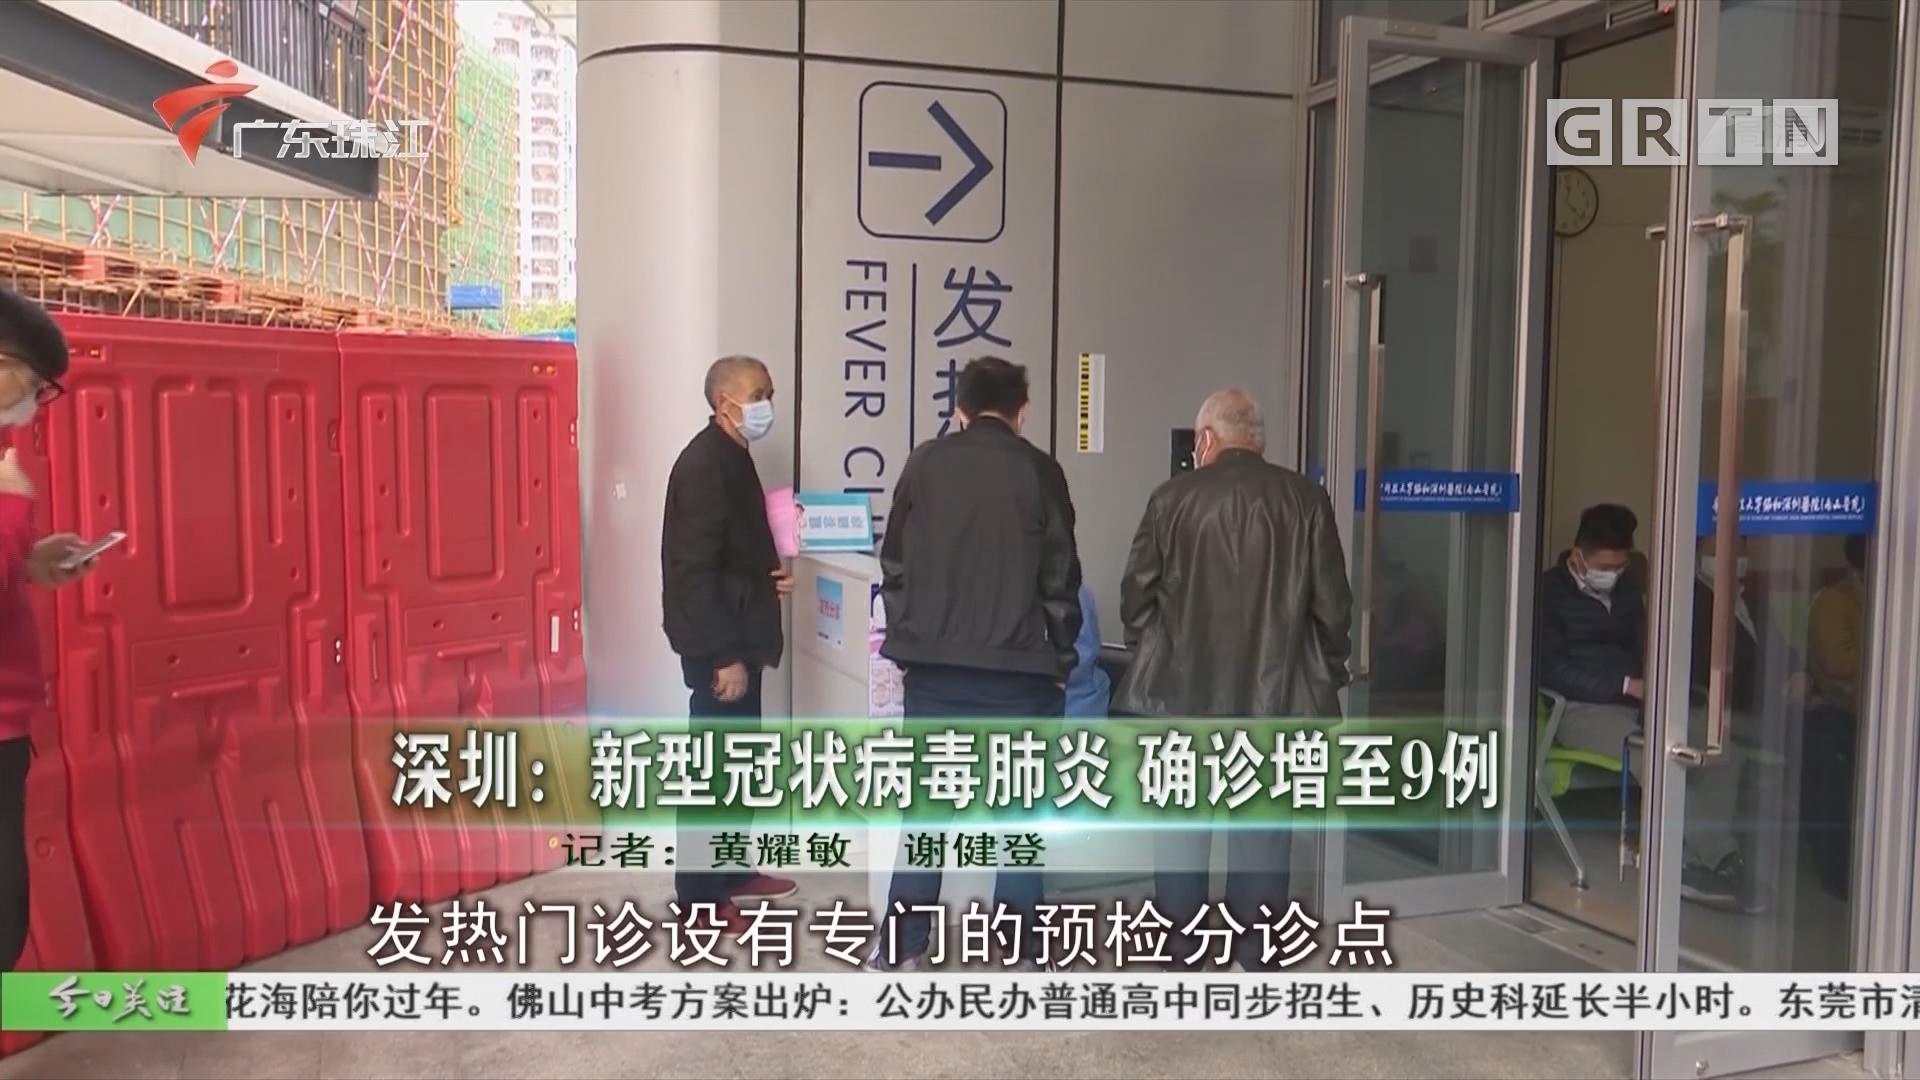 深圳:新型冠状病毒肺炎 确诊增至9例